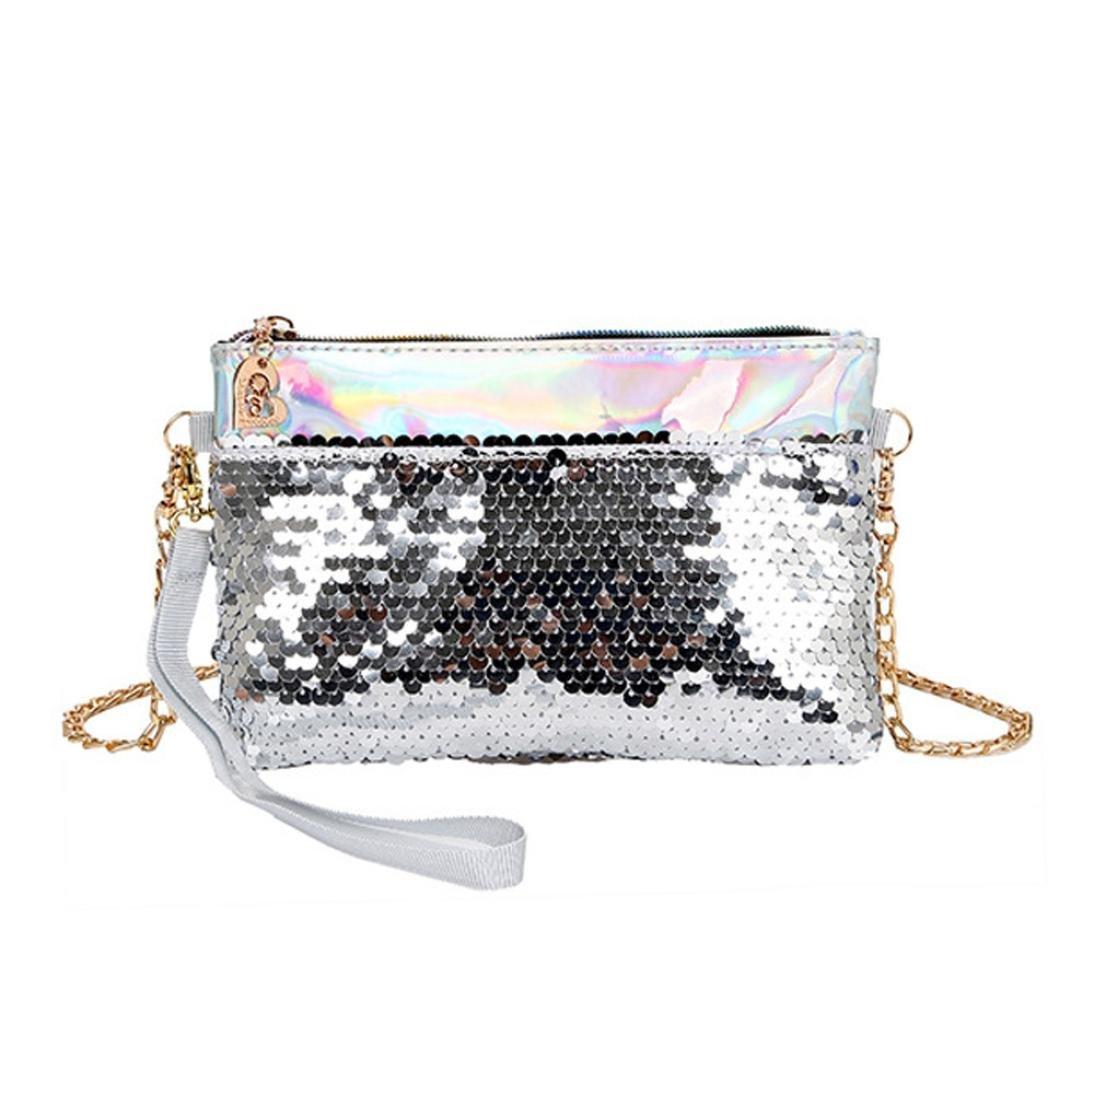 Amazon.com: Clearance ventas moda lentejuelas bolsa de playa ...